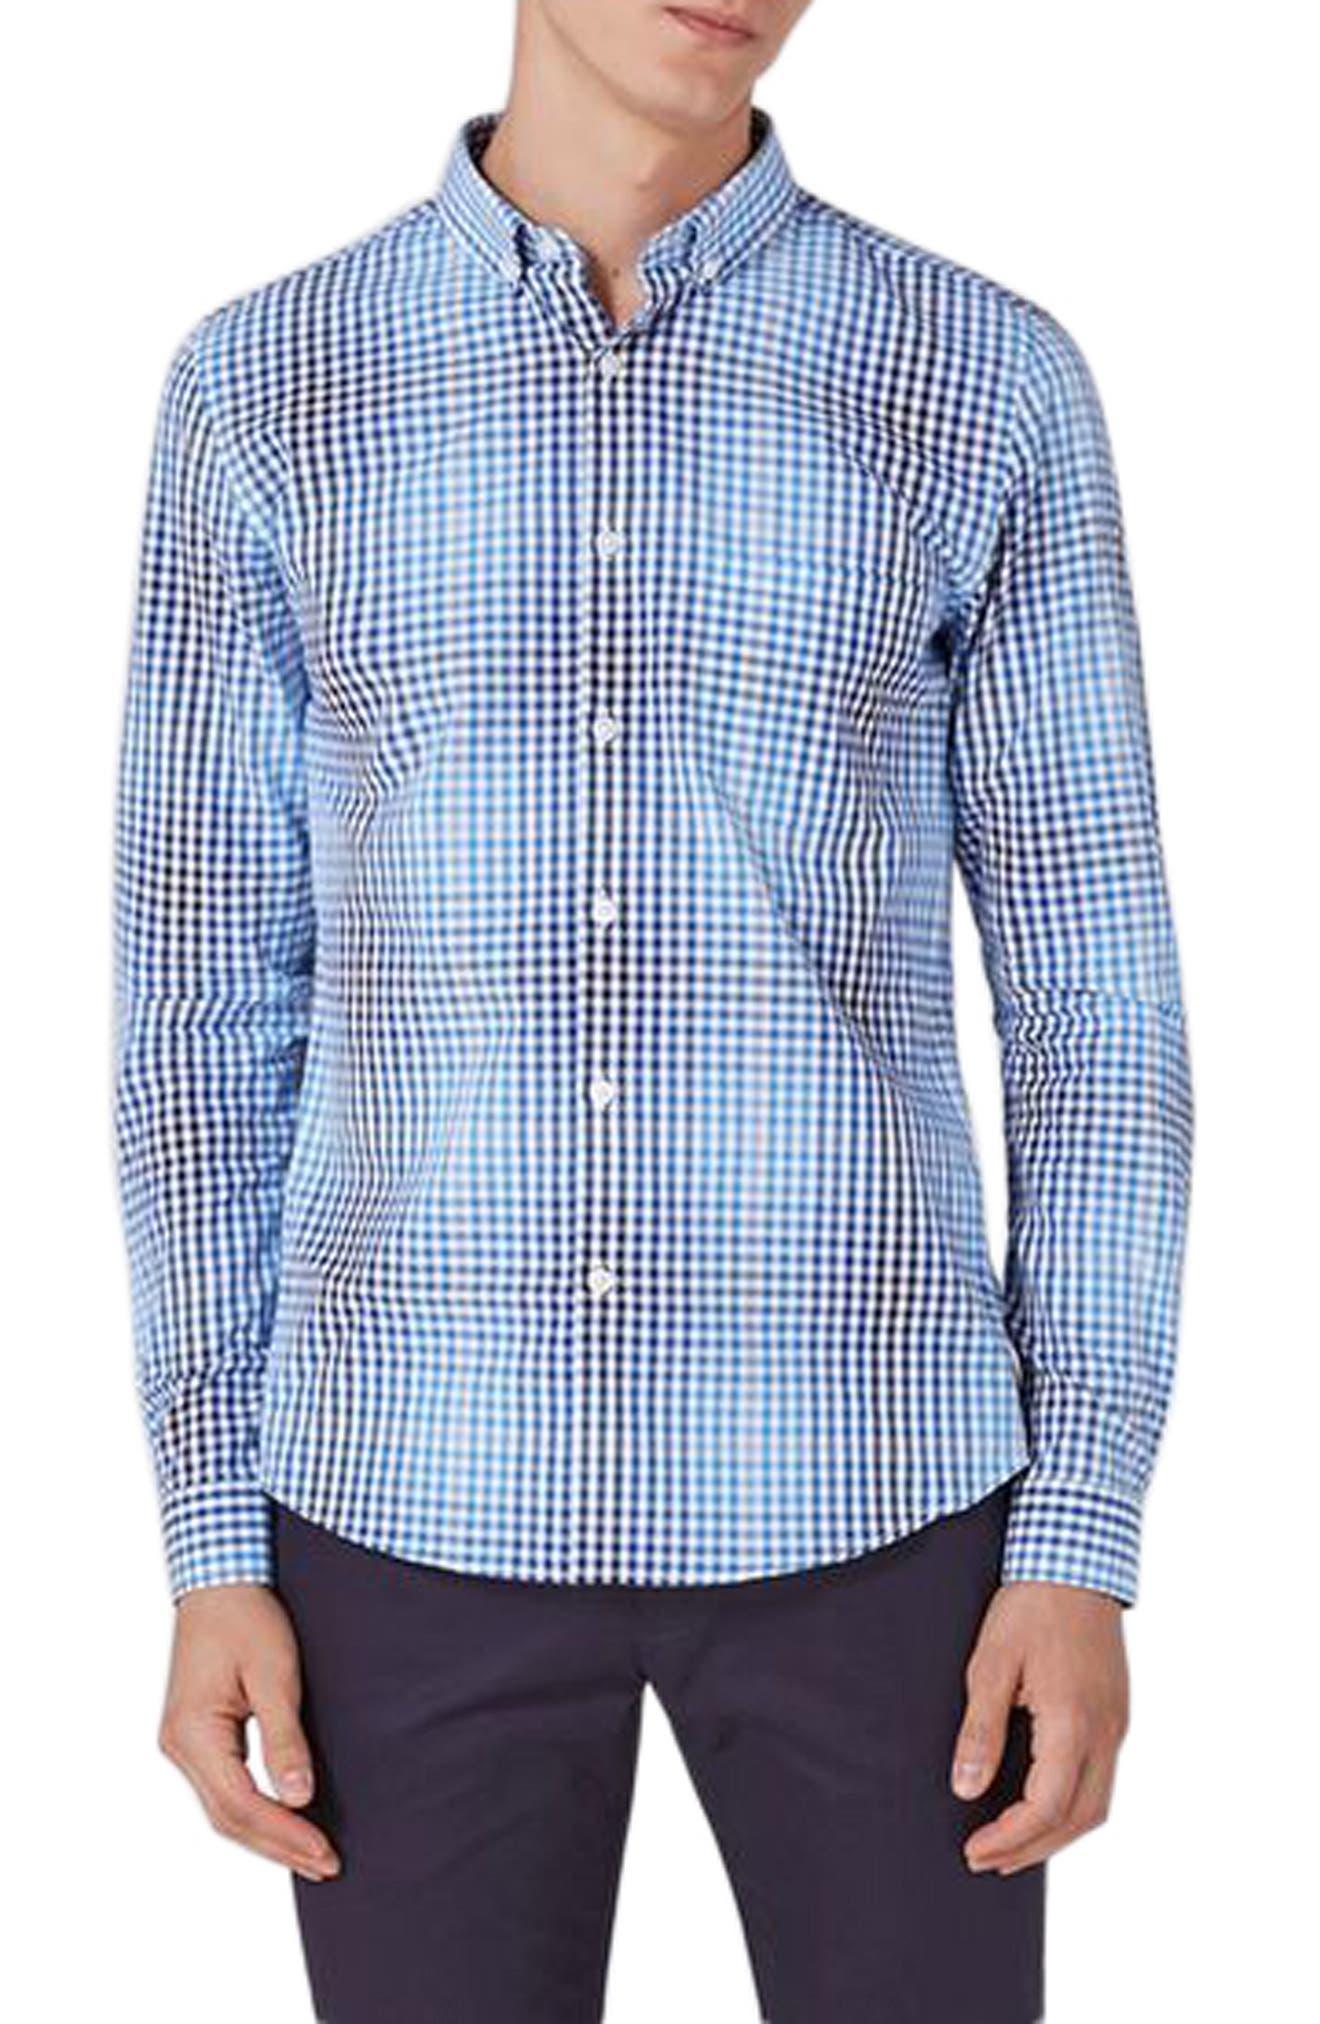 Topman Ombré Gingham Woven Shirt